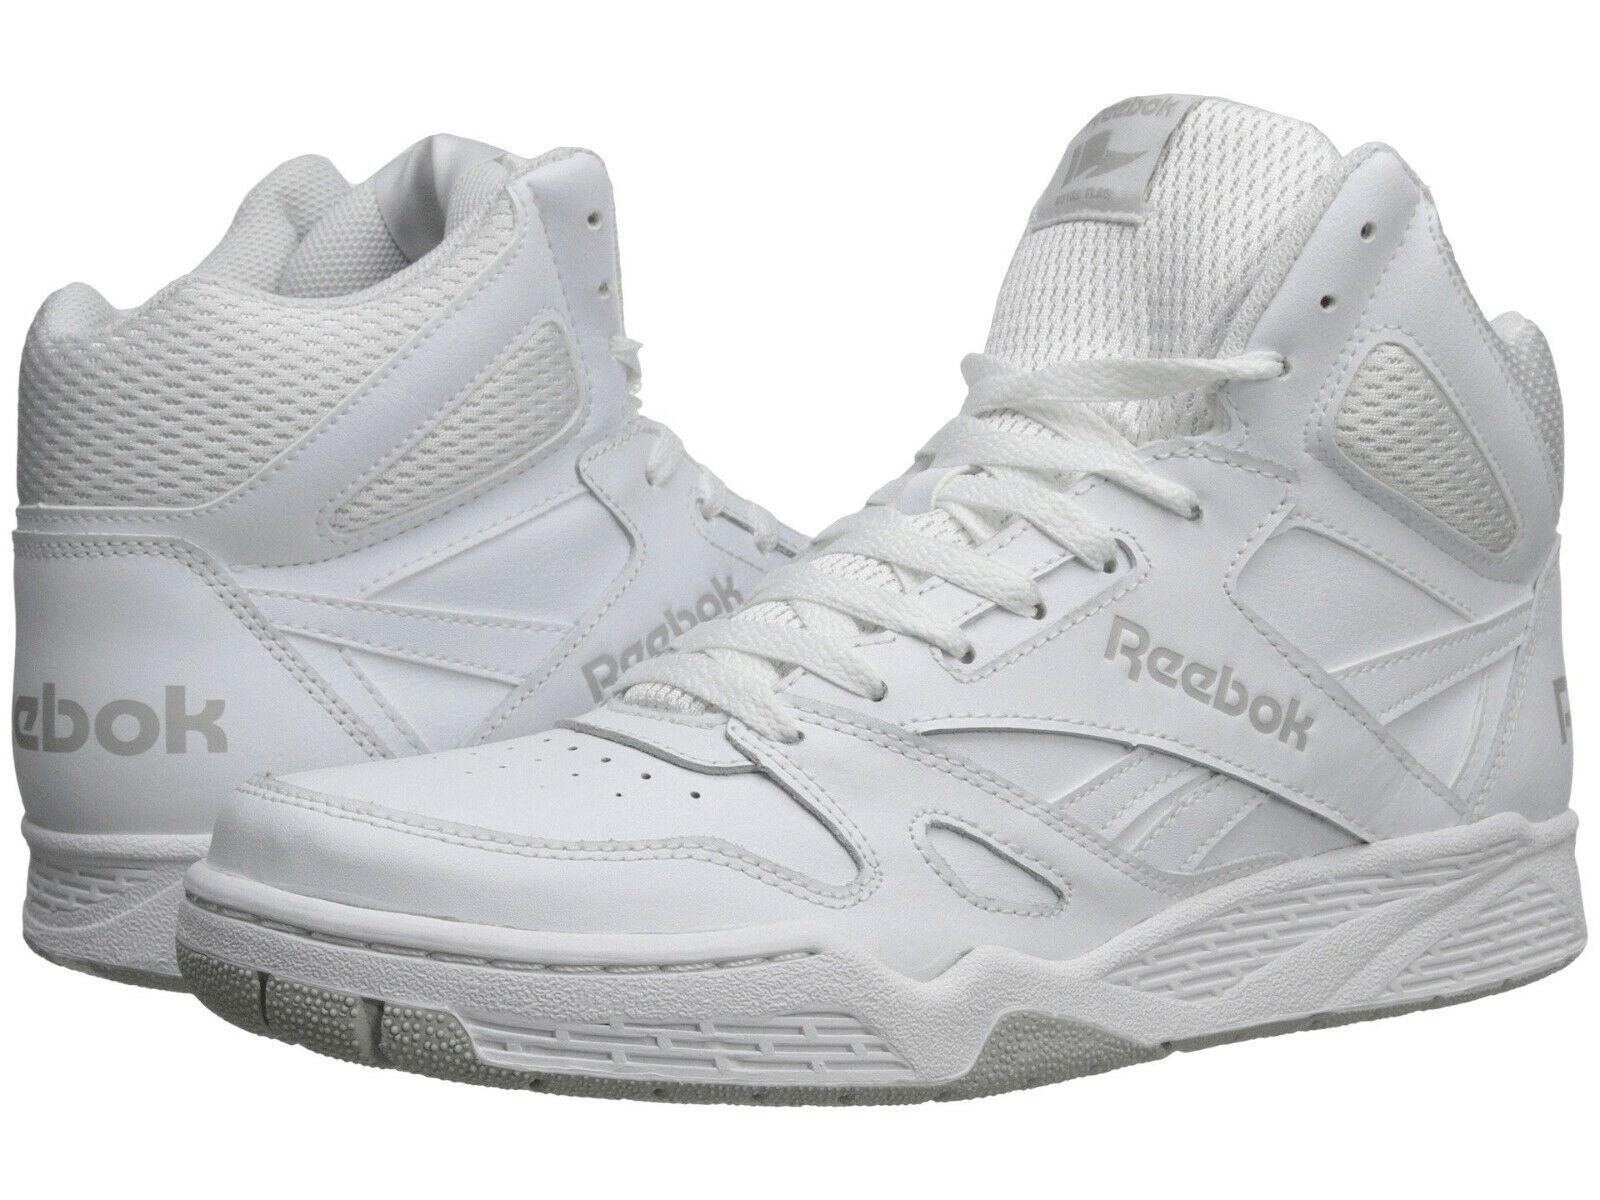 Para Hombre Reebok Royal BB4500 Hi Tenis Zapatos M42661 blancoo Acero 100% Auténtico Nuevo